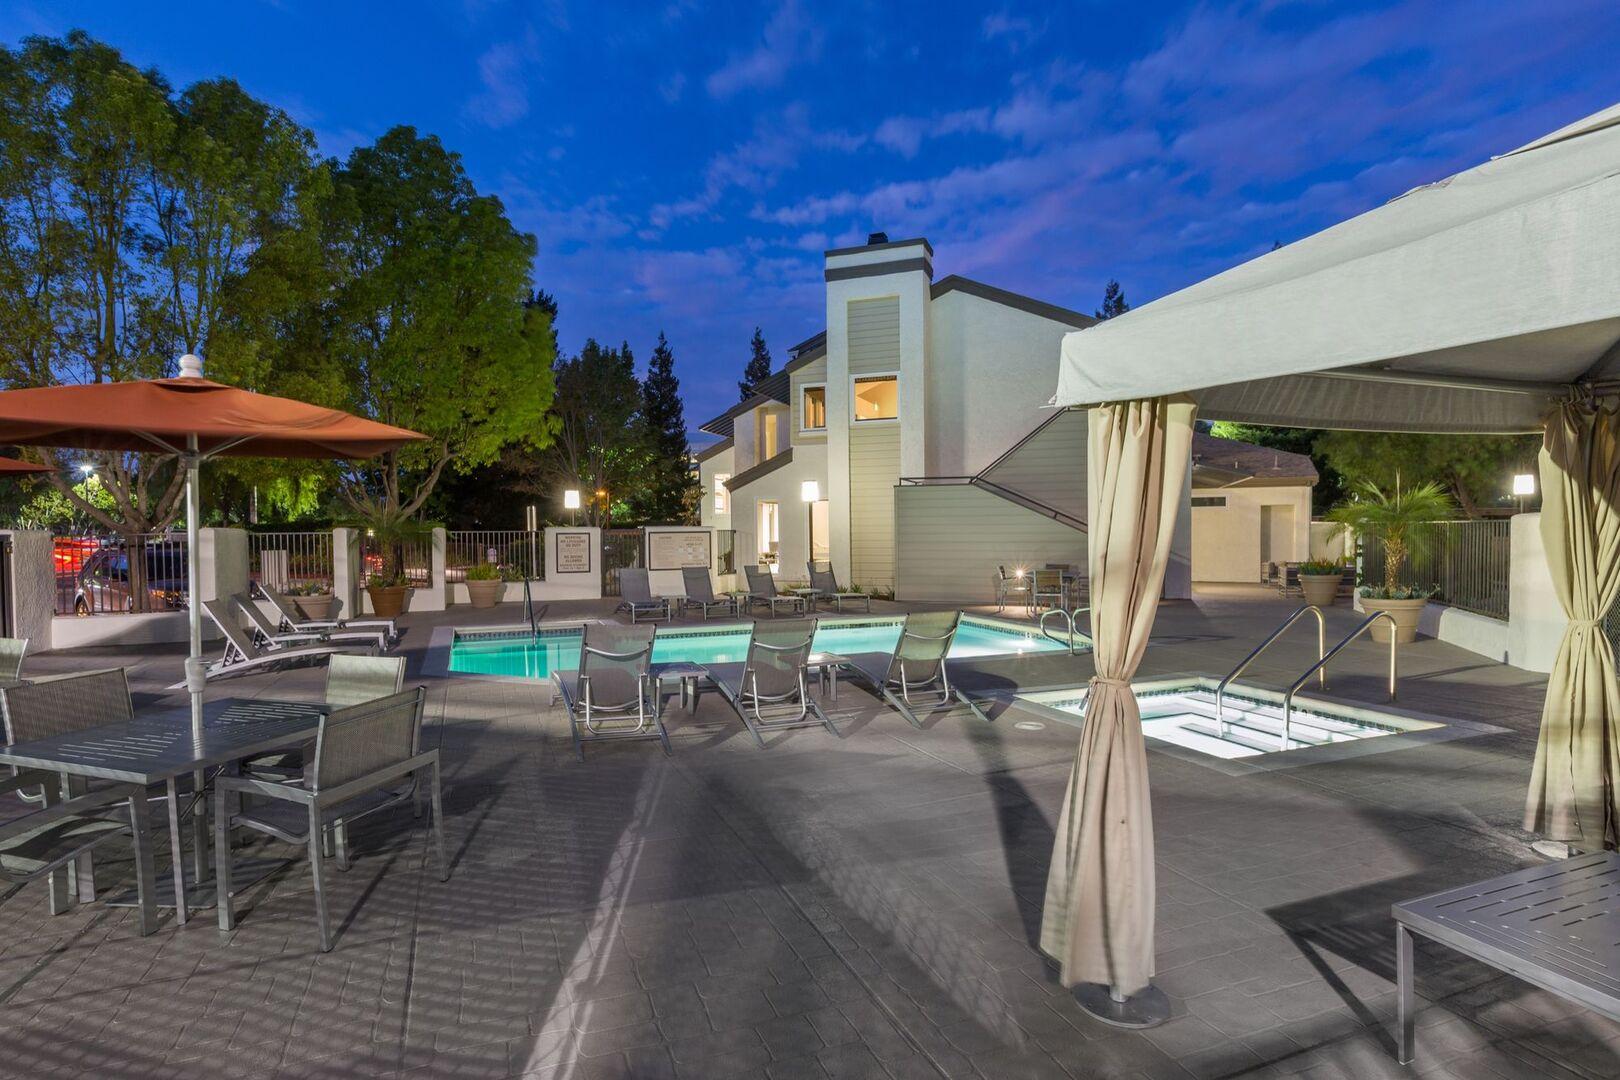 Photo Gallery of Stoneridge Apartments Pleasanton, CA